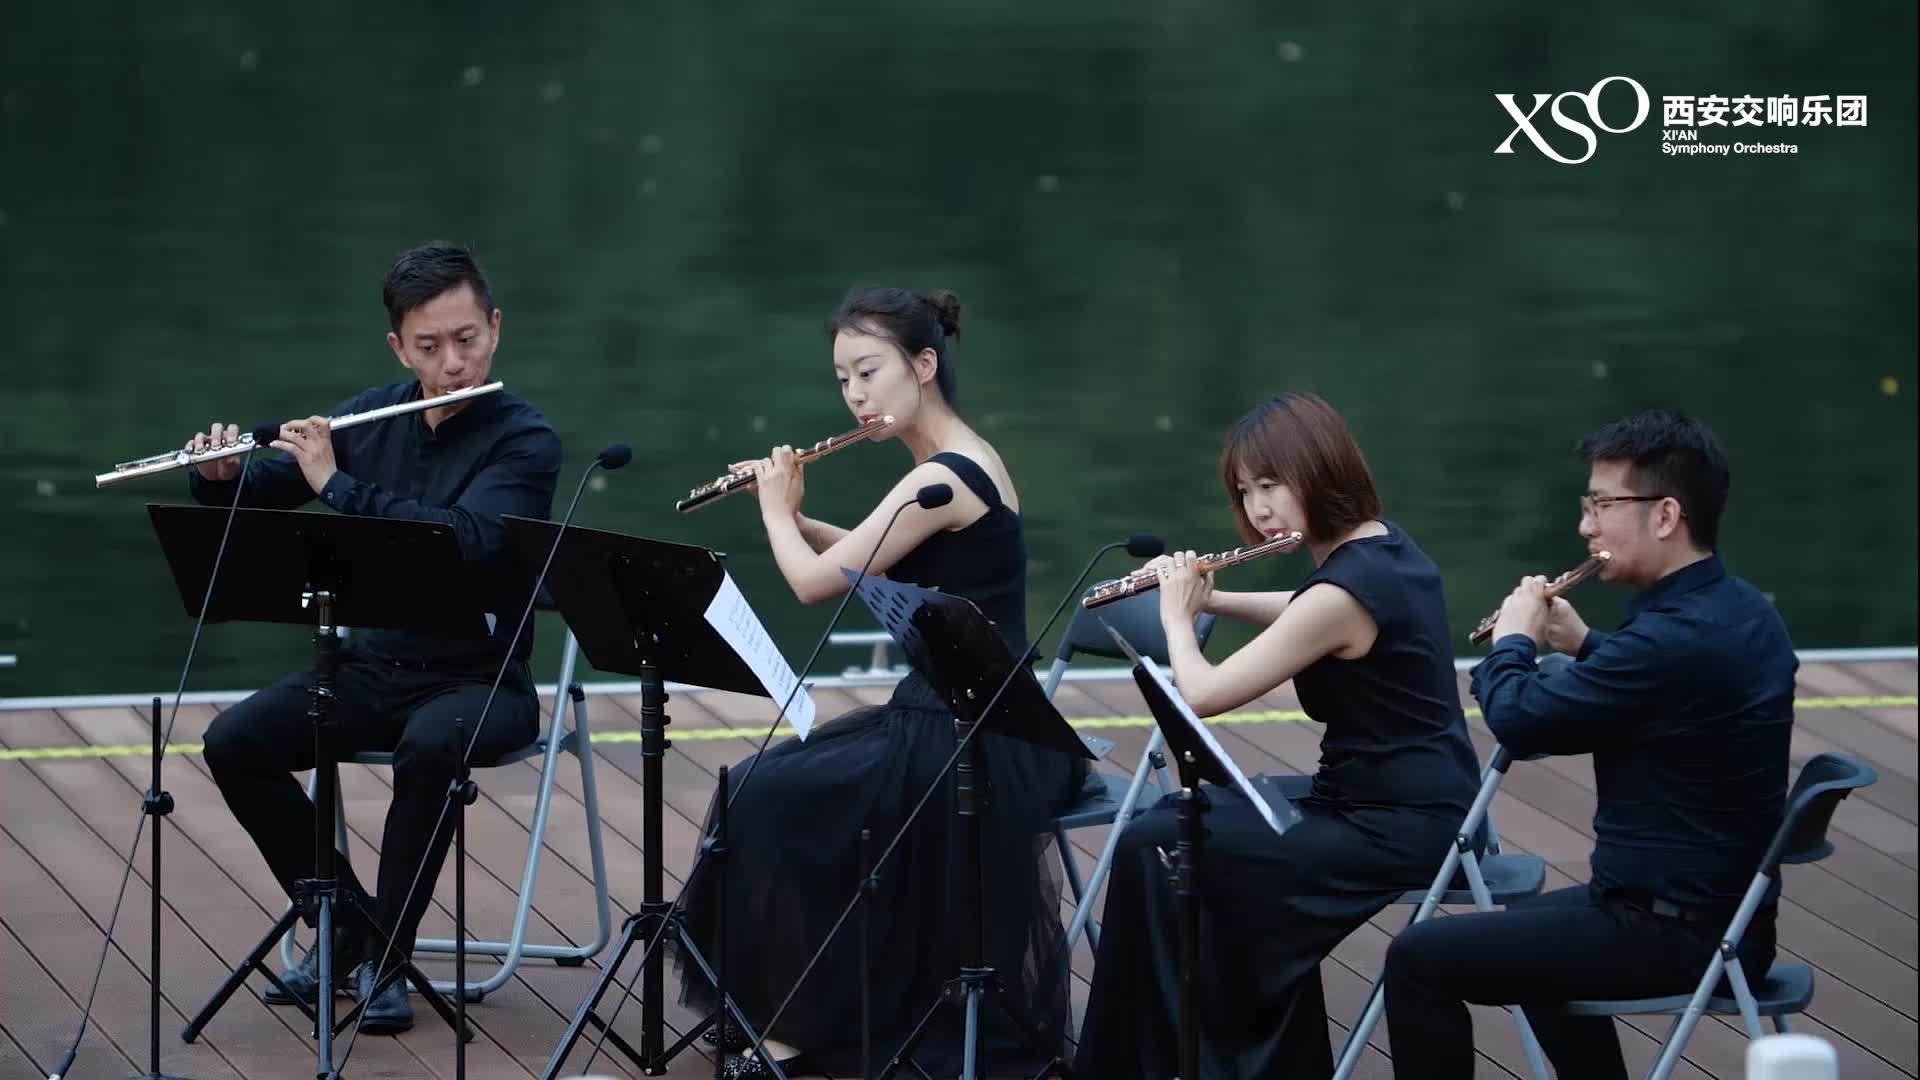 翠华山行音乐会——《回旋曲》